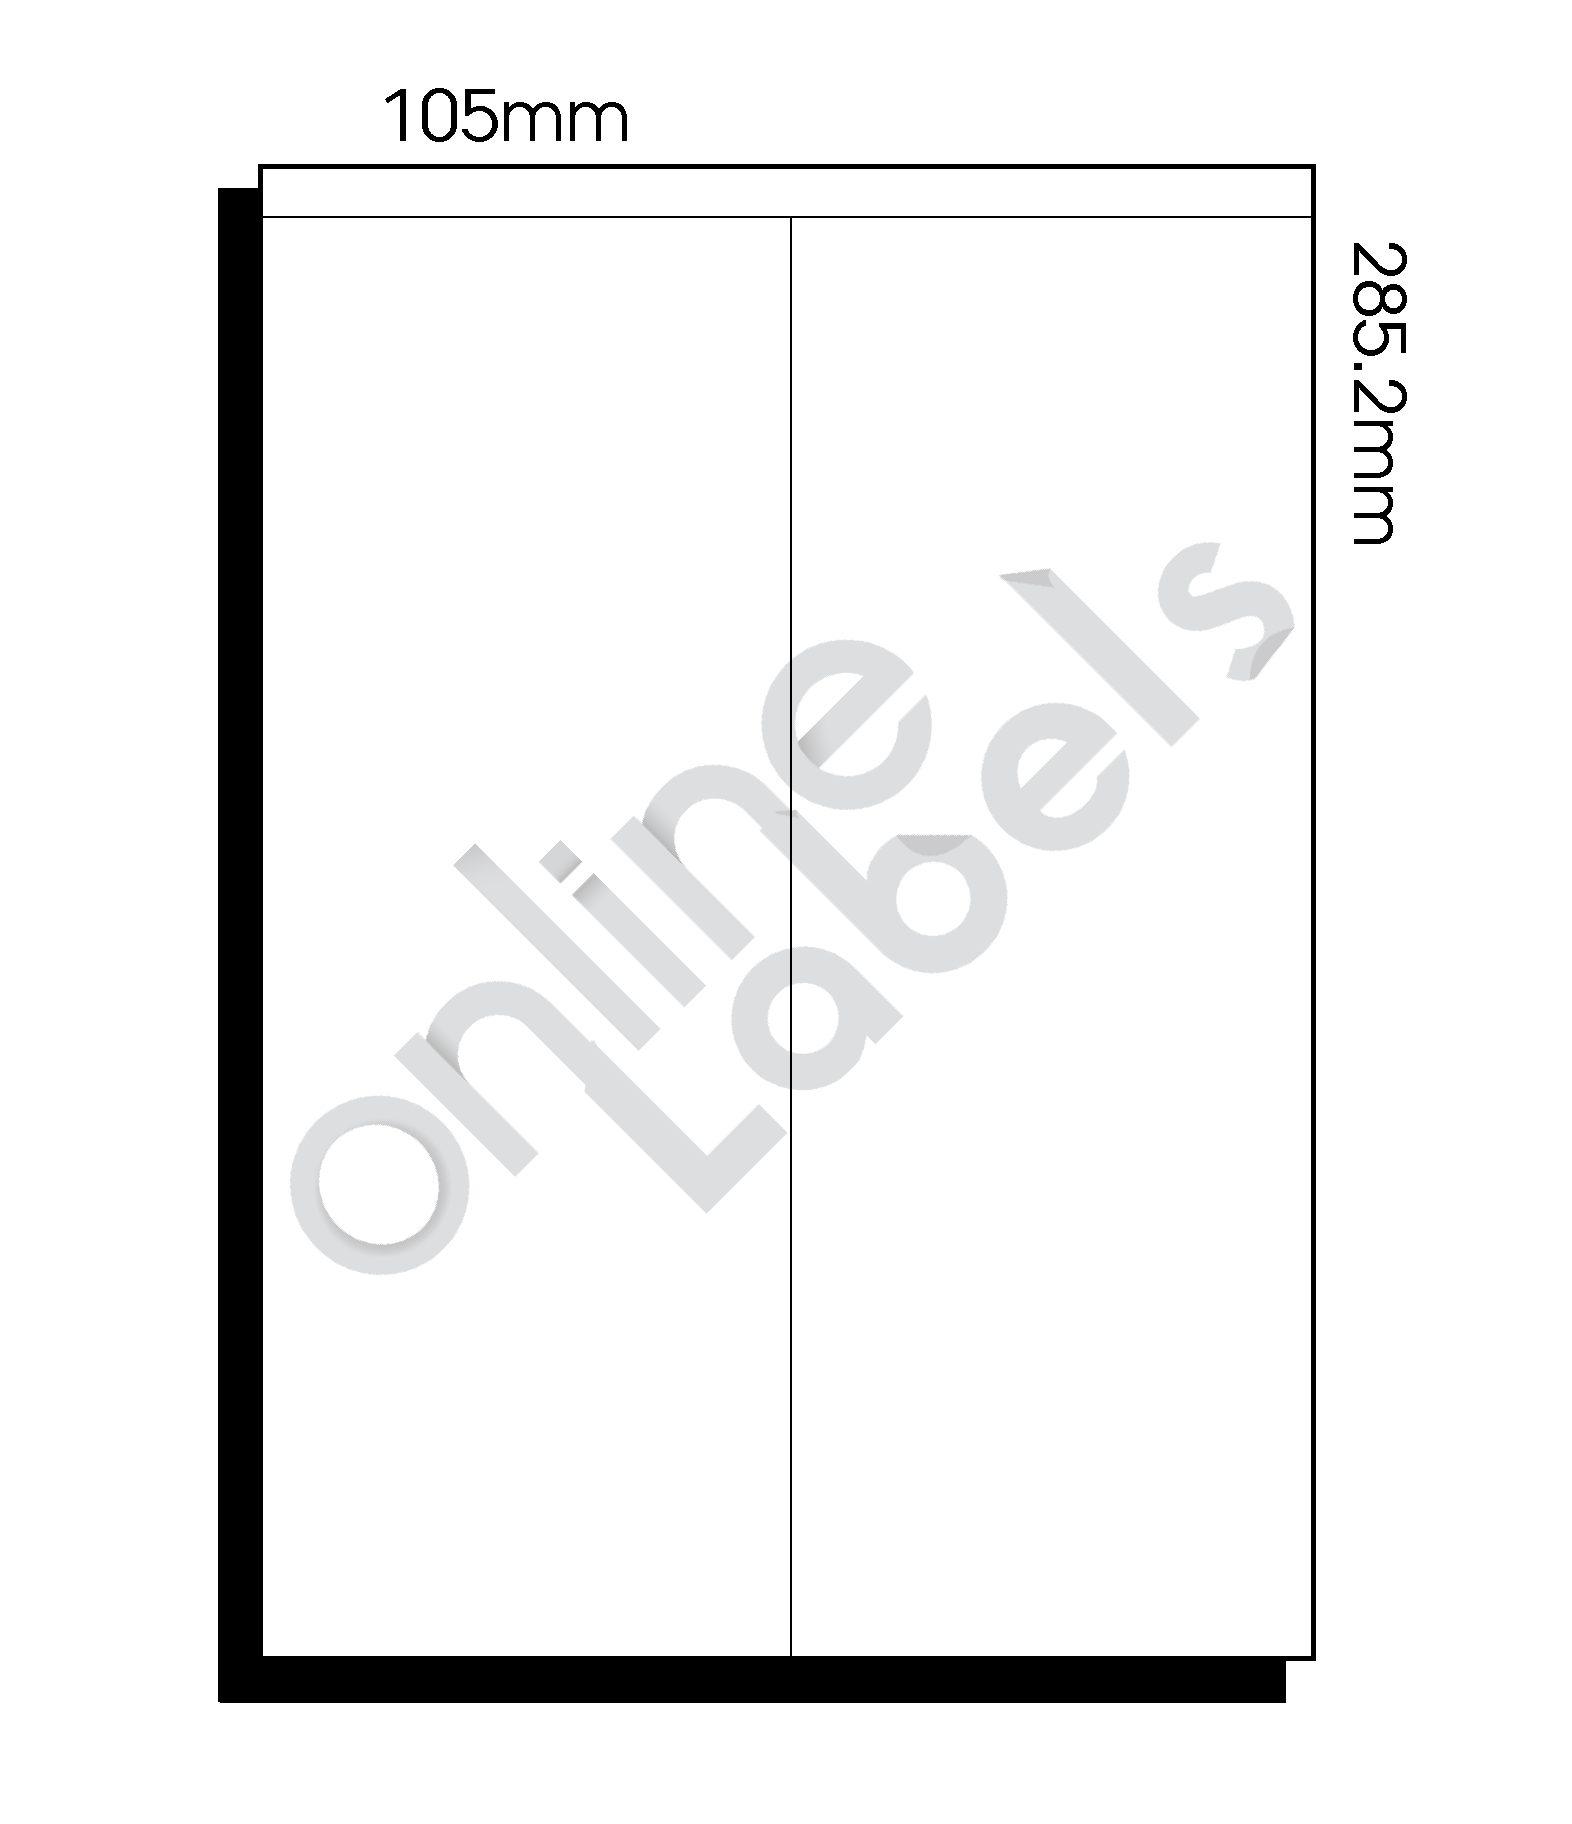 105mm x 285.2mm (012) – 2 Labels per Sheet